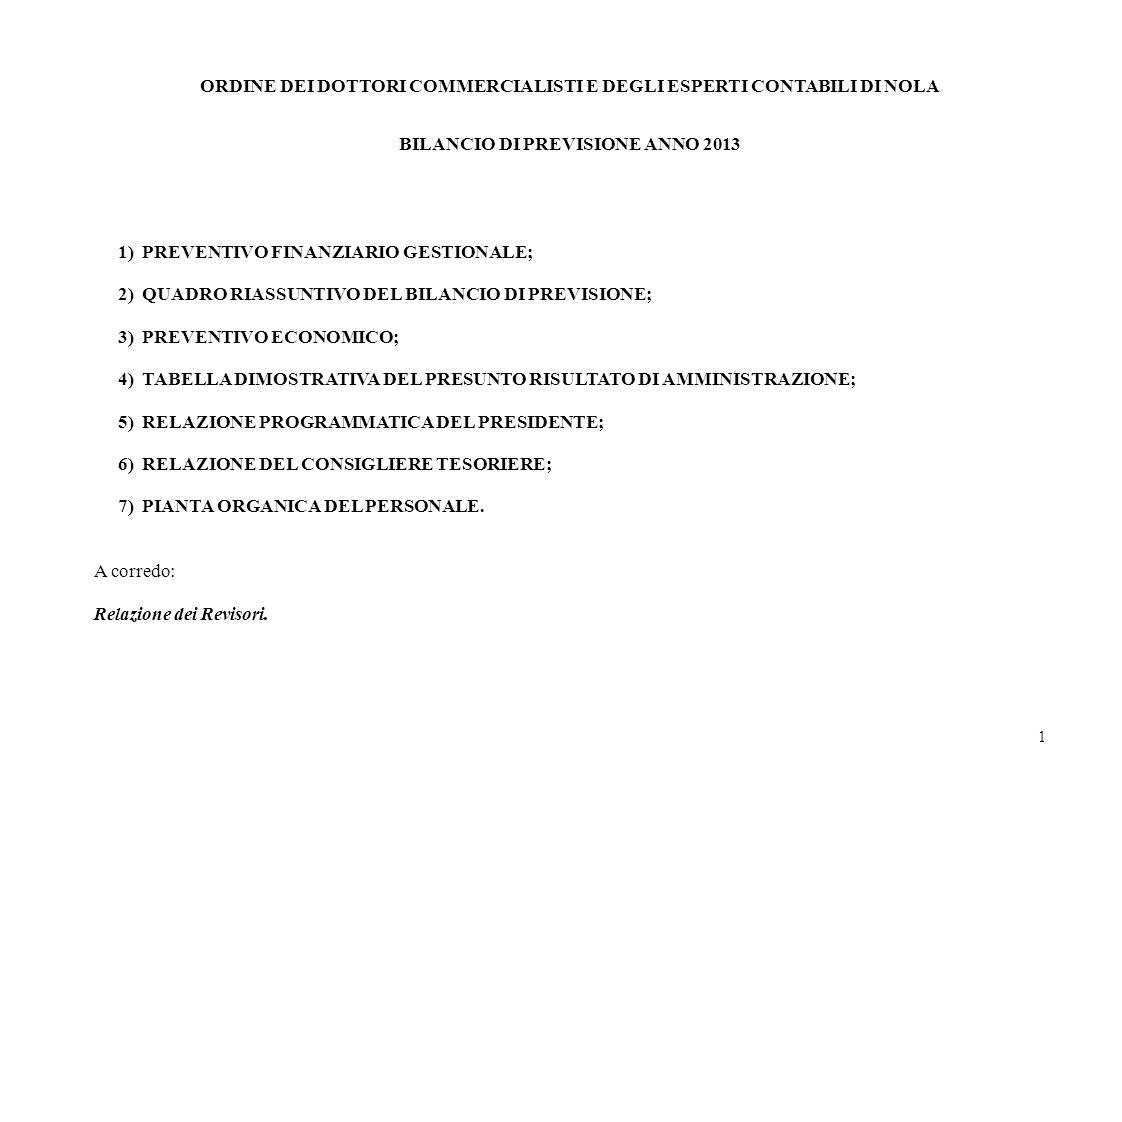 2 PREVENTIVO FINANZIARIO DELLA GESTIONE Il Preventivo Finanziario della gestione, al netto delle partite di giro, rileva entrate di competenza per 318.391,50 e uscite di competenza per il pari valore di 318.391,50.